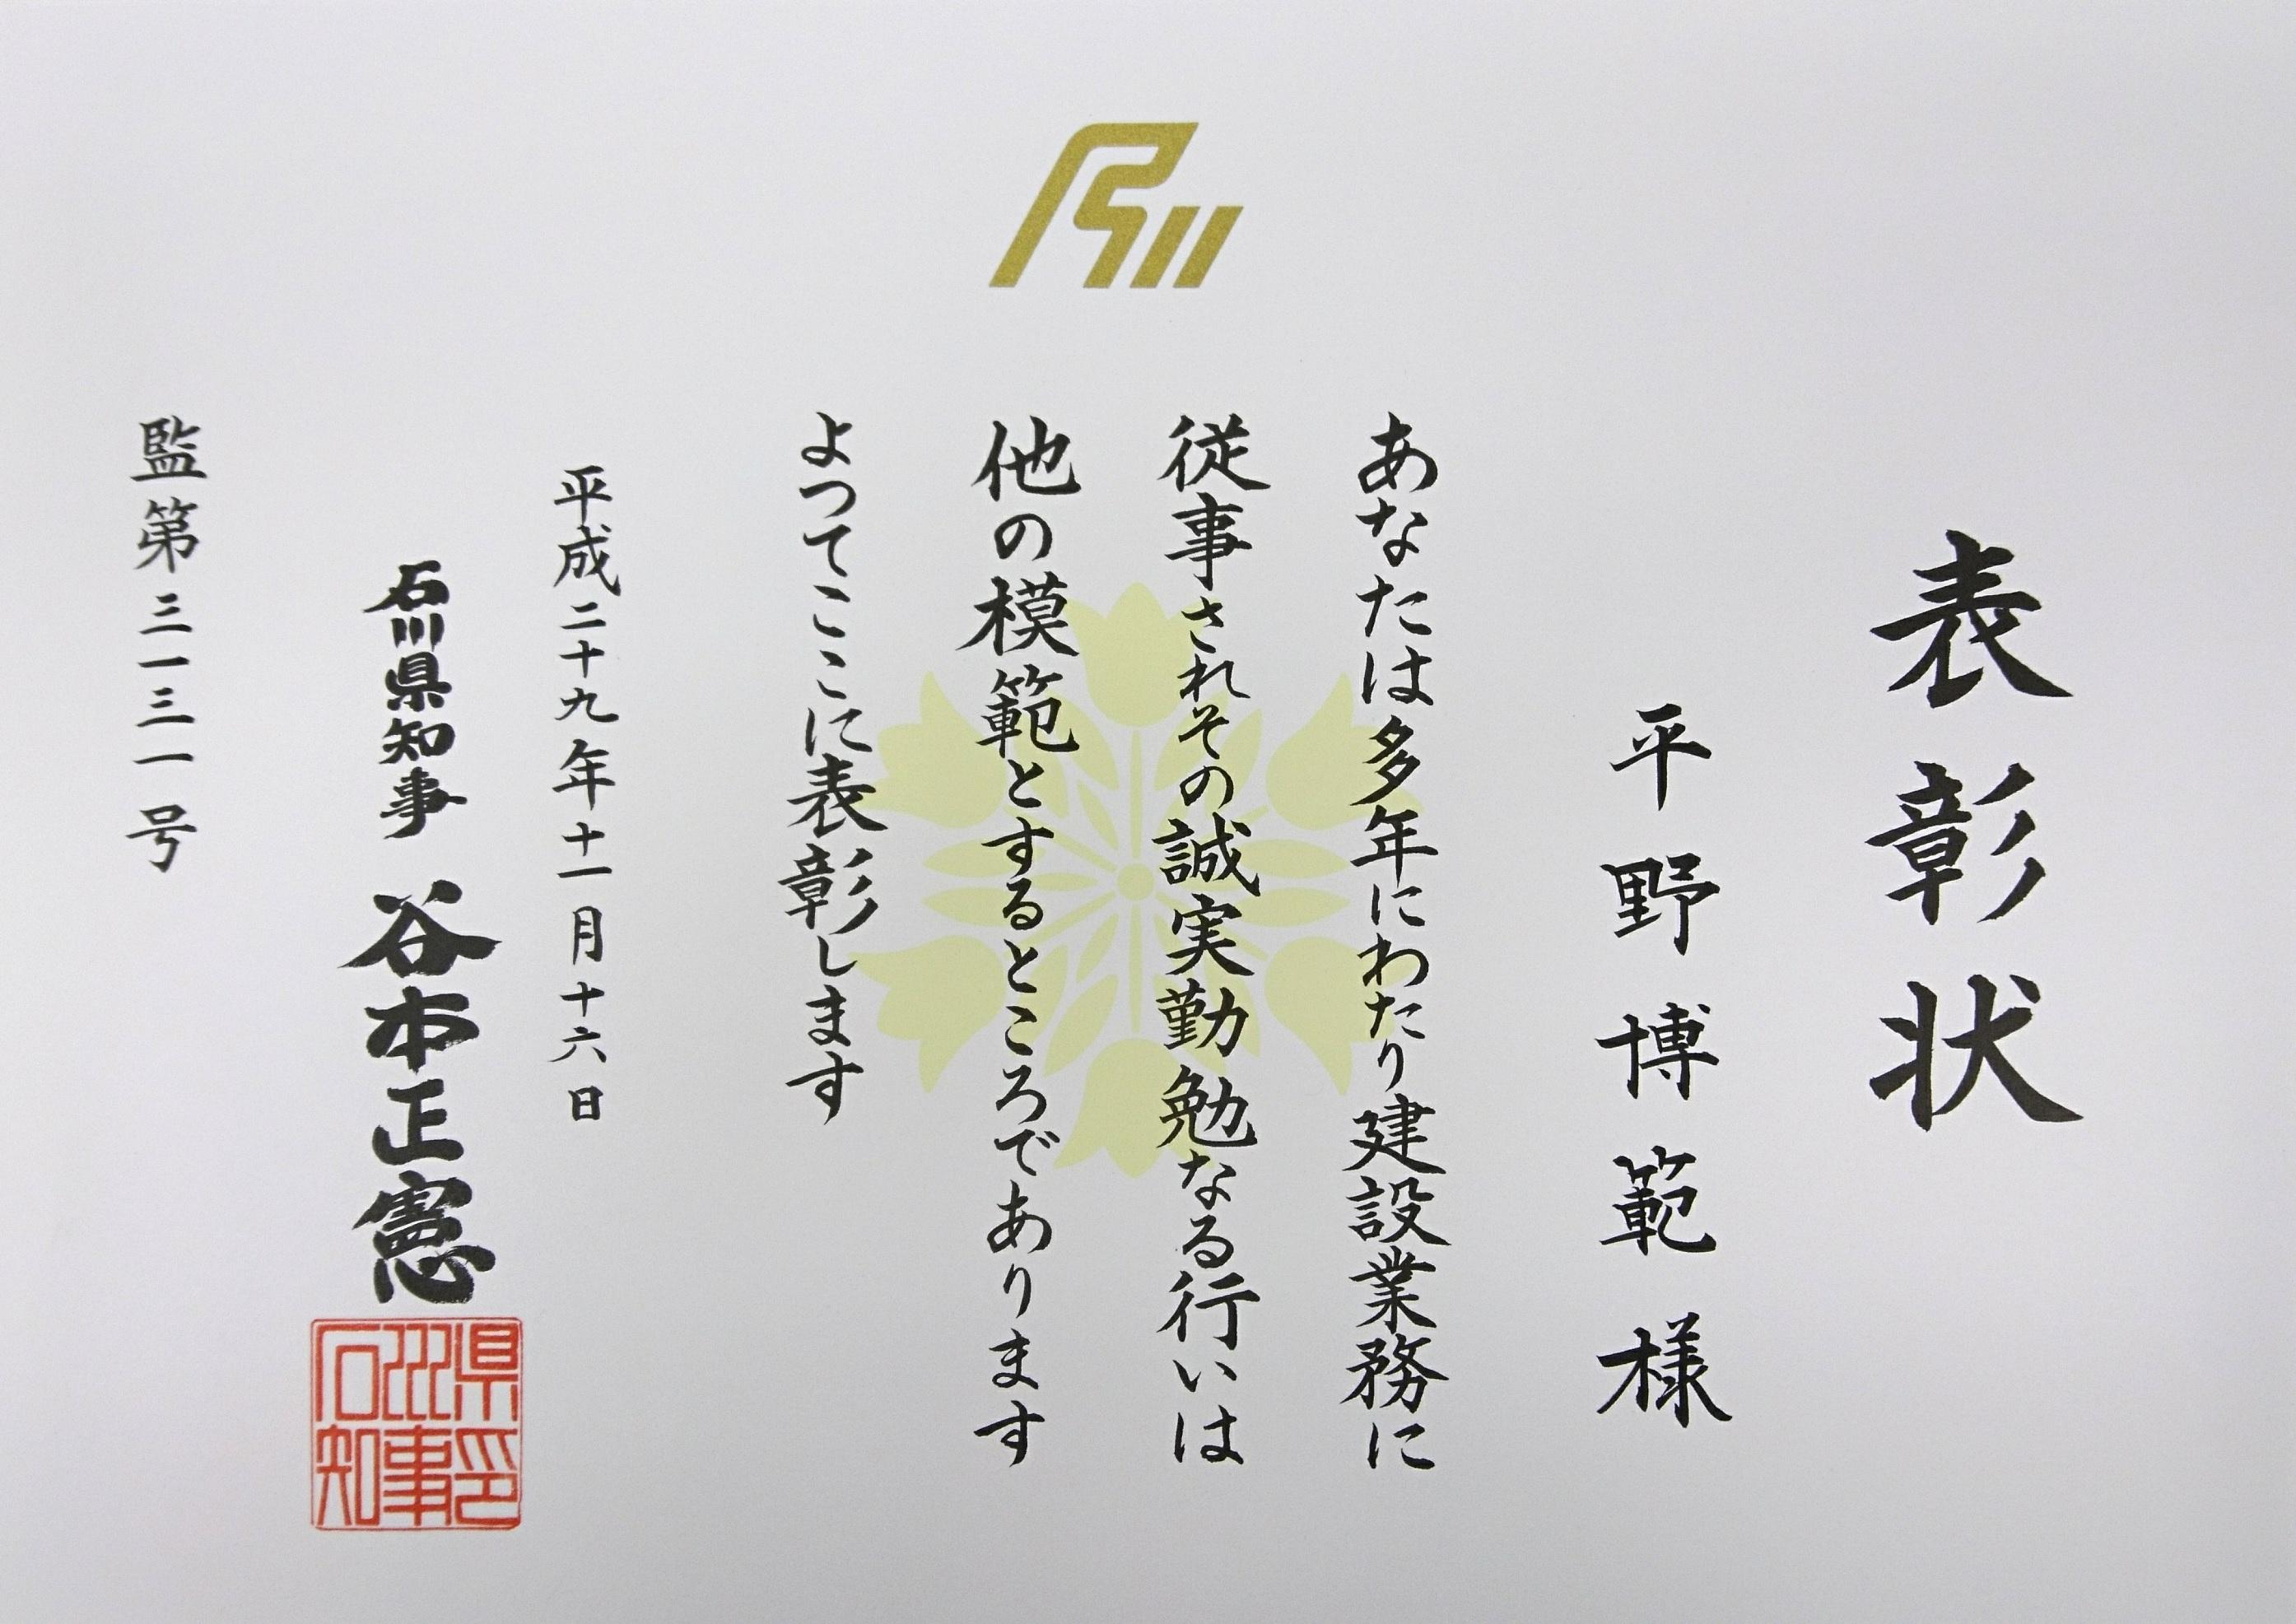 石川県知事より優良建設従業員表彰を受賞しました。